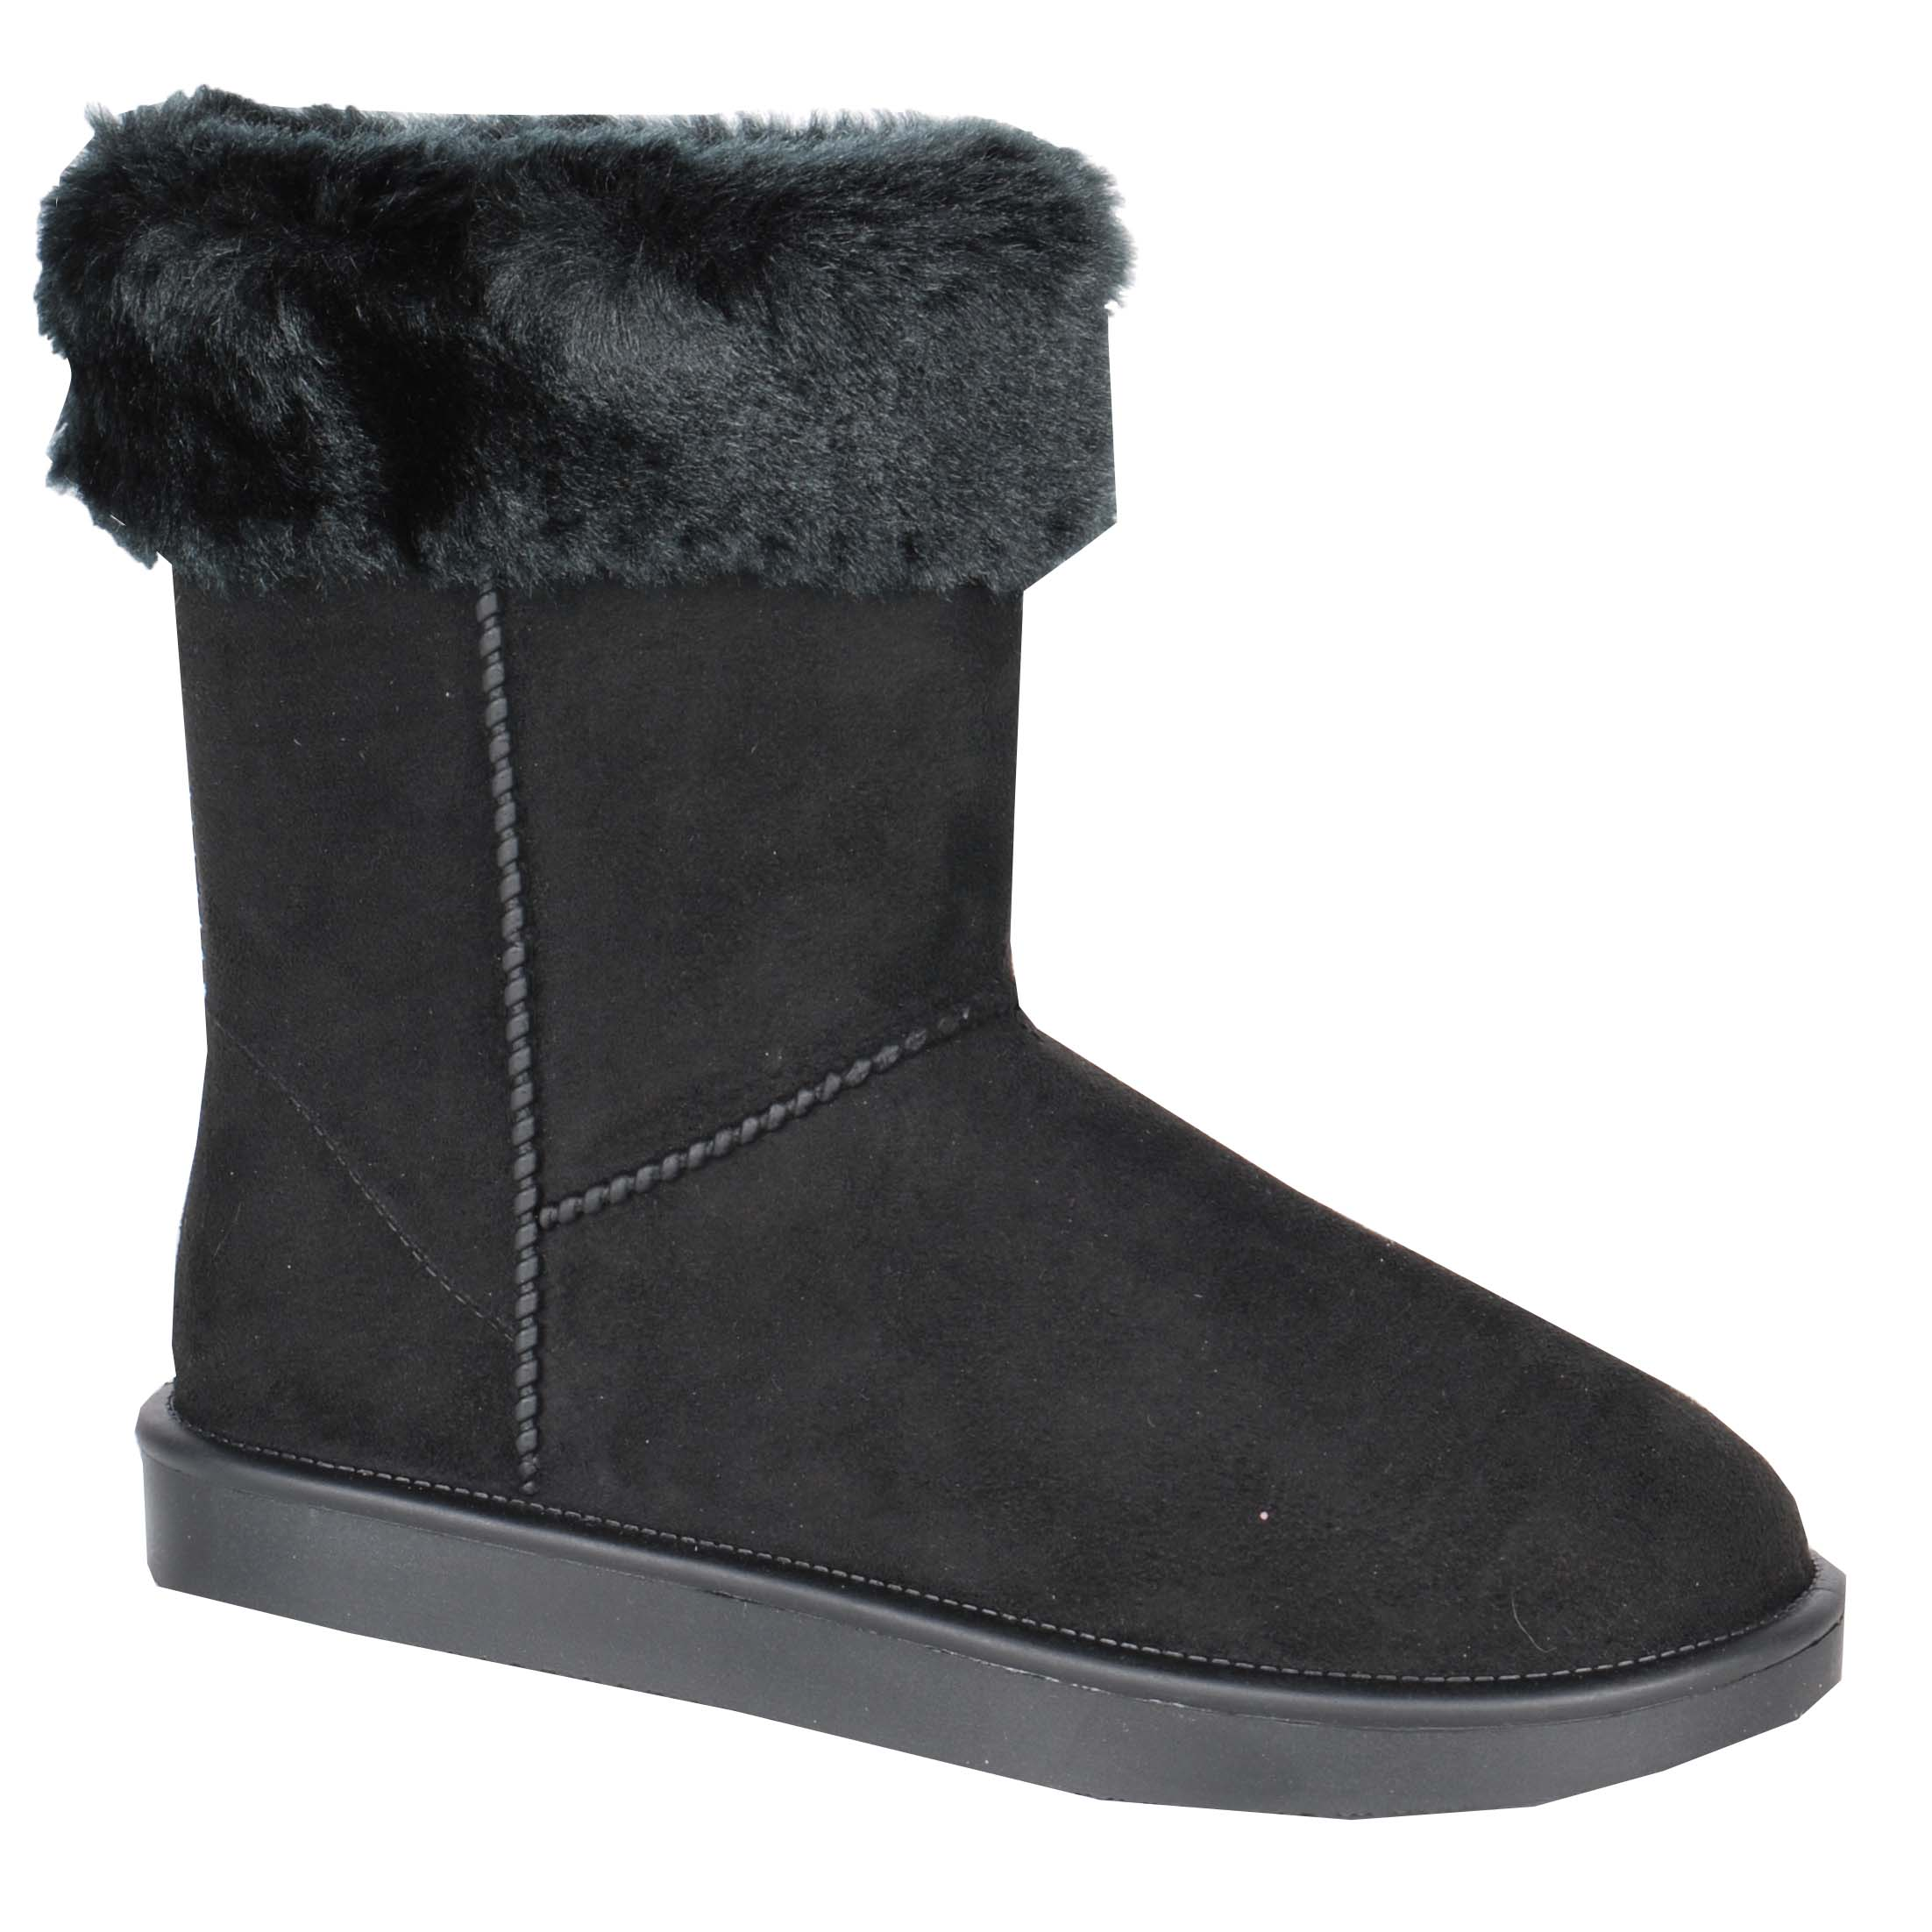 HKM Davos Fur vrijetijds laars zwart maat:38